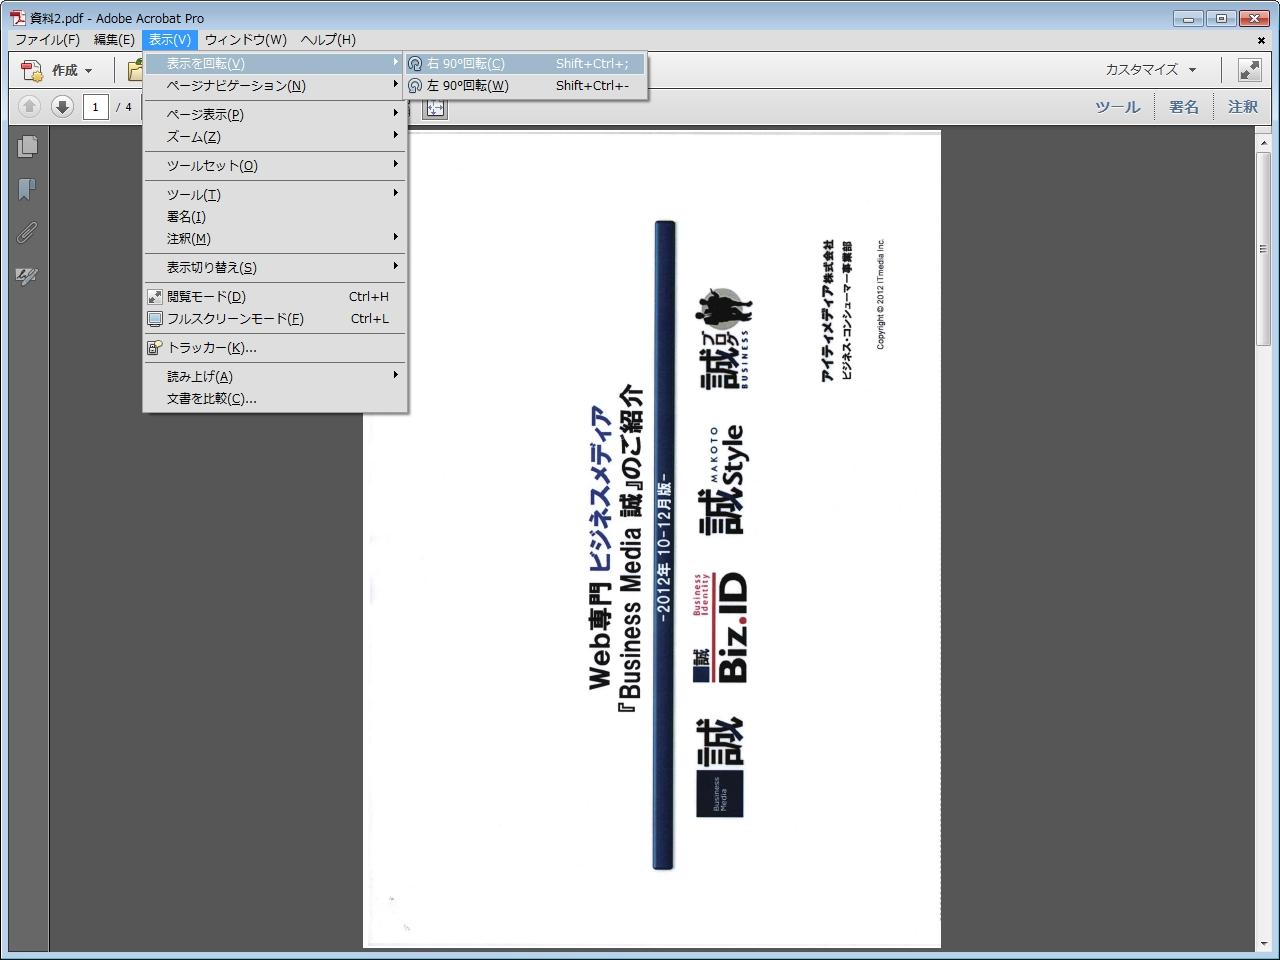 pdf 回転 した 状態 で 保存